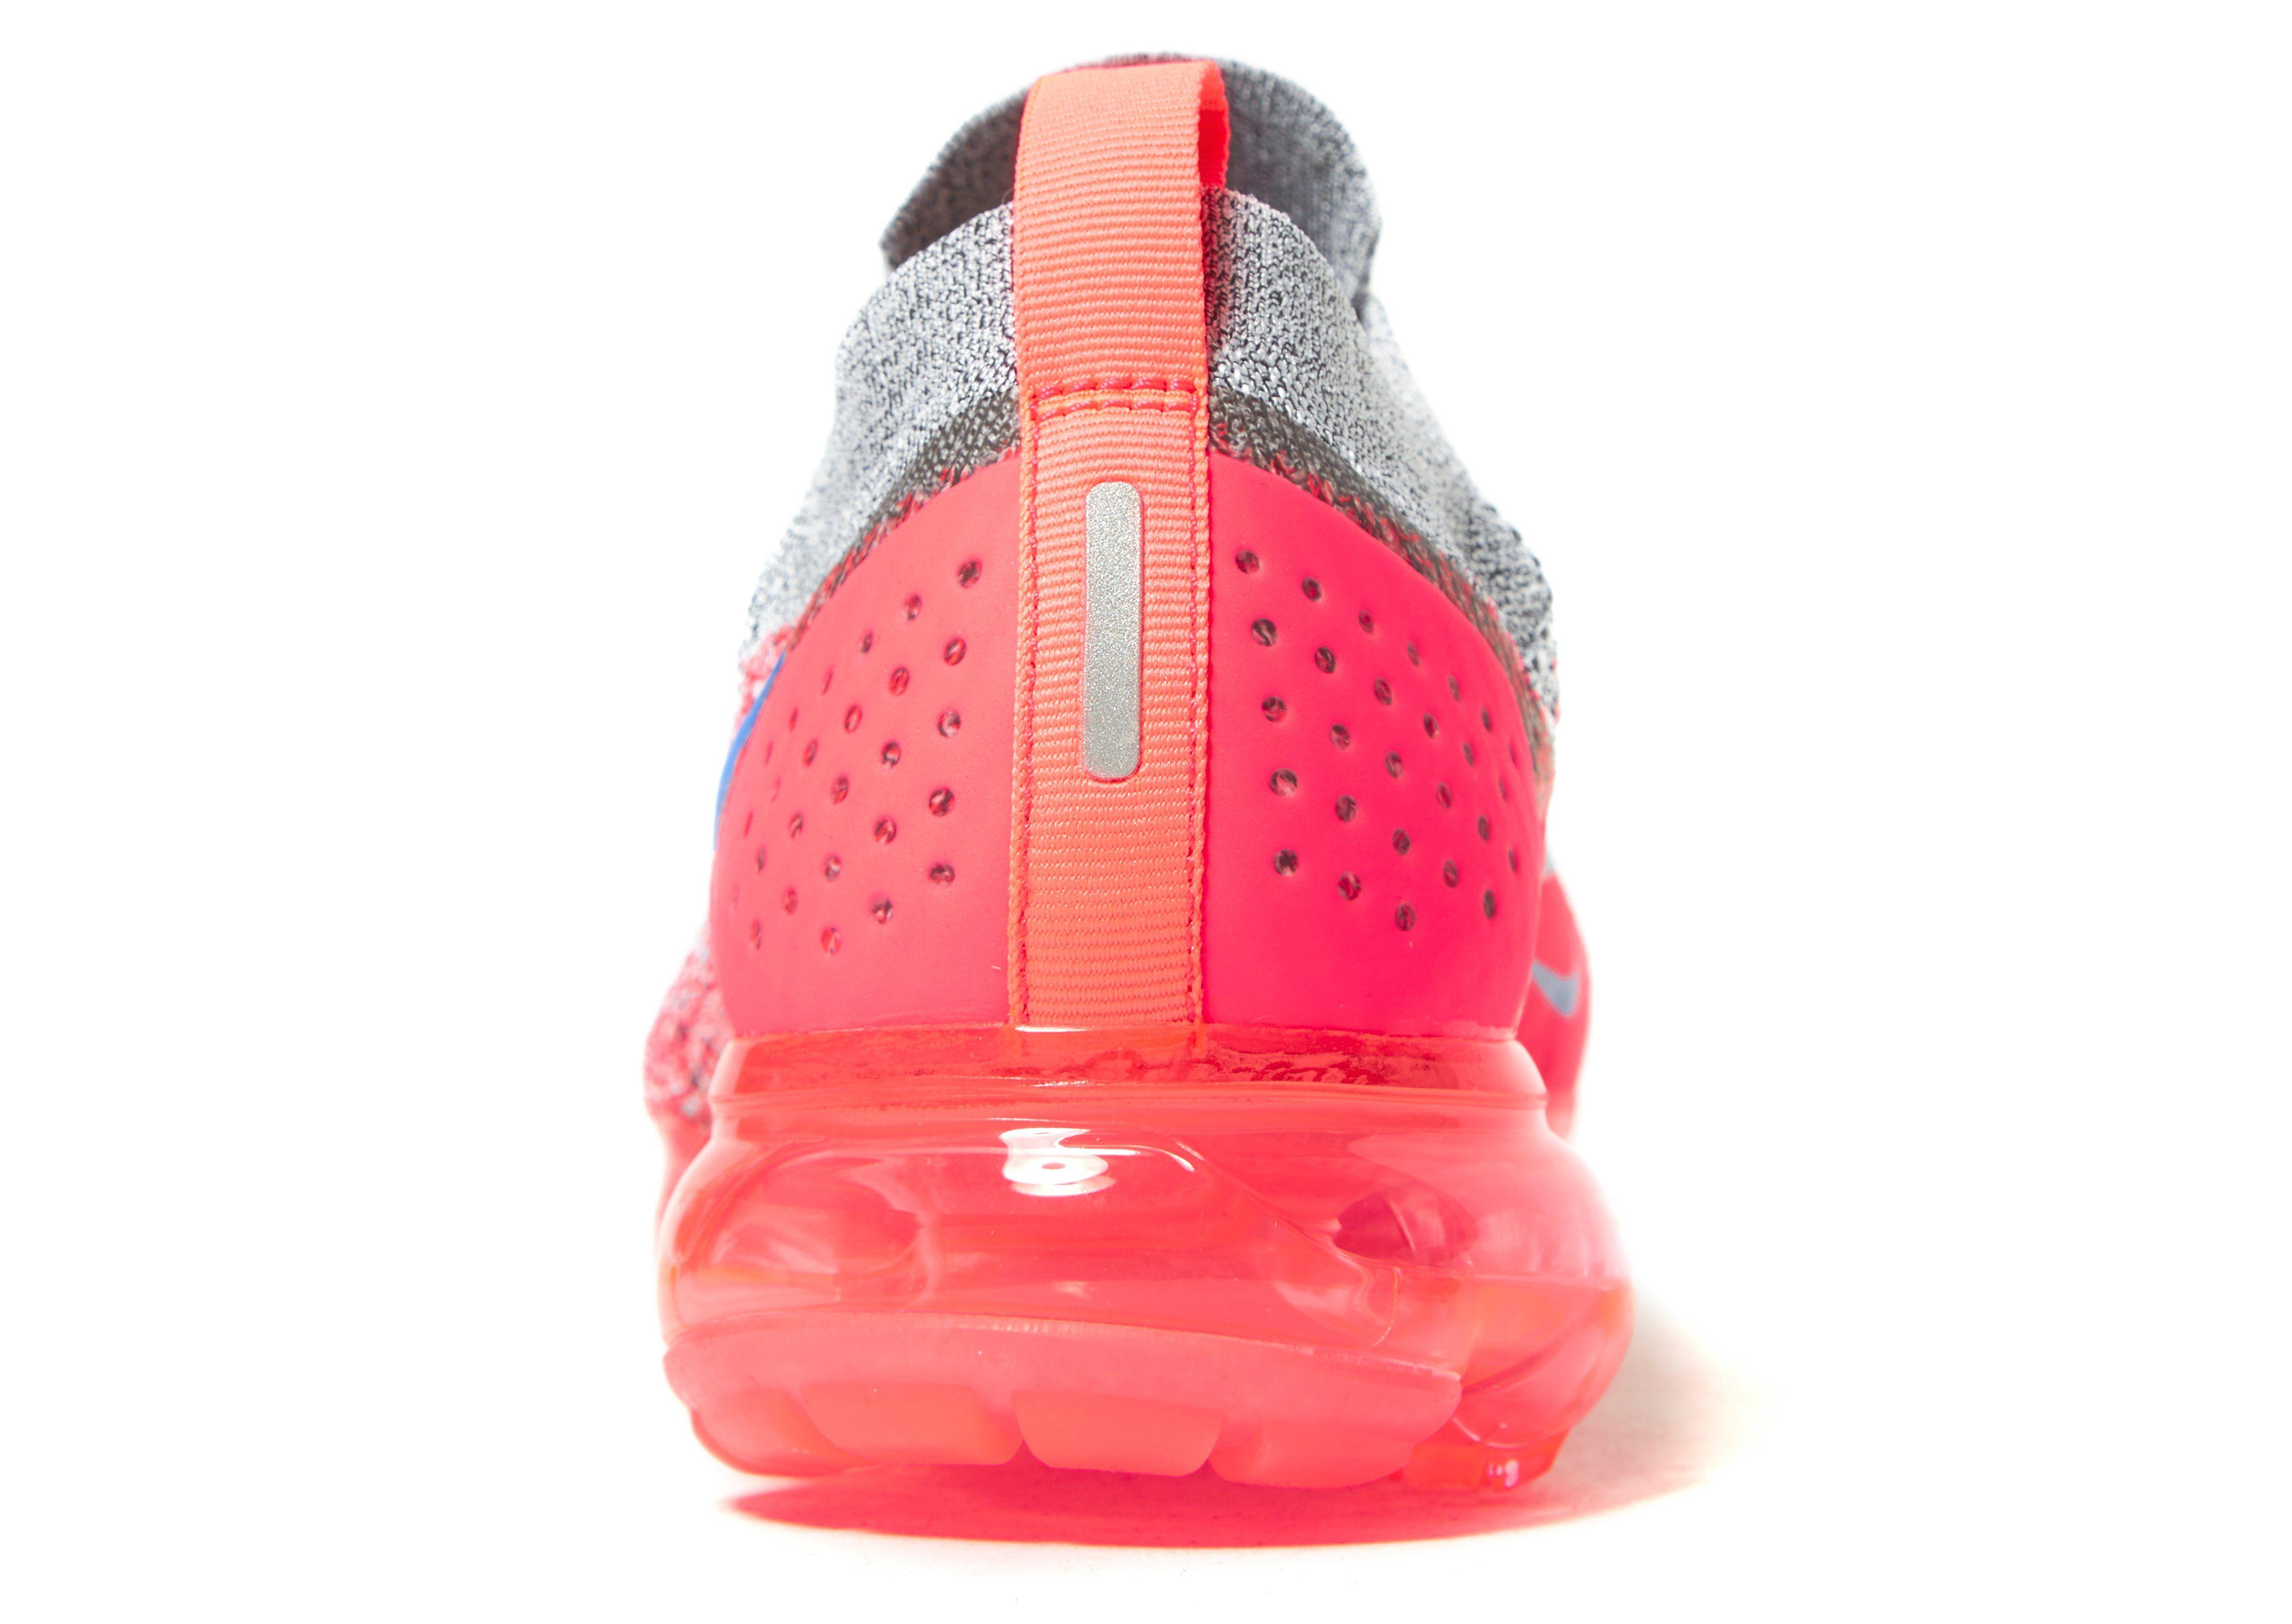 Nike Air VaporMax Flyknit 2 Damen Pink Spielraum Neue Stile Neue Ankunft Zum Verkauf Die Besten Preise Zu Verkaufen Spielraum Mit Mastercard gxxK9kP8